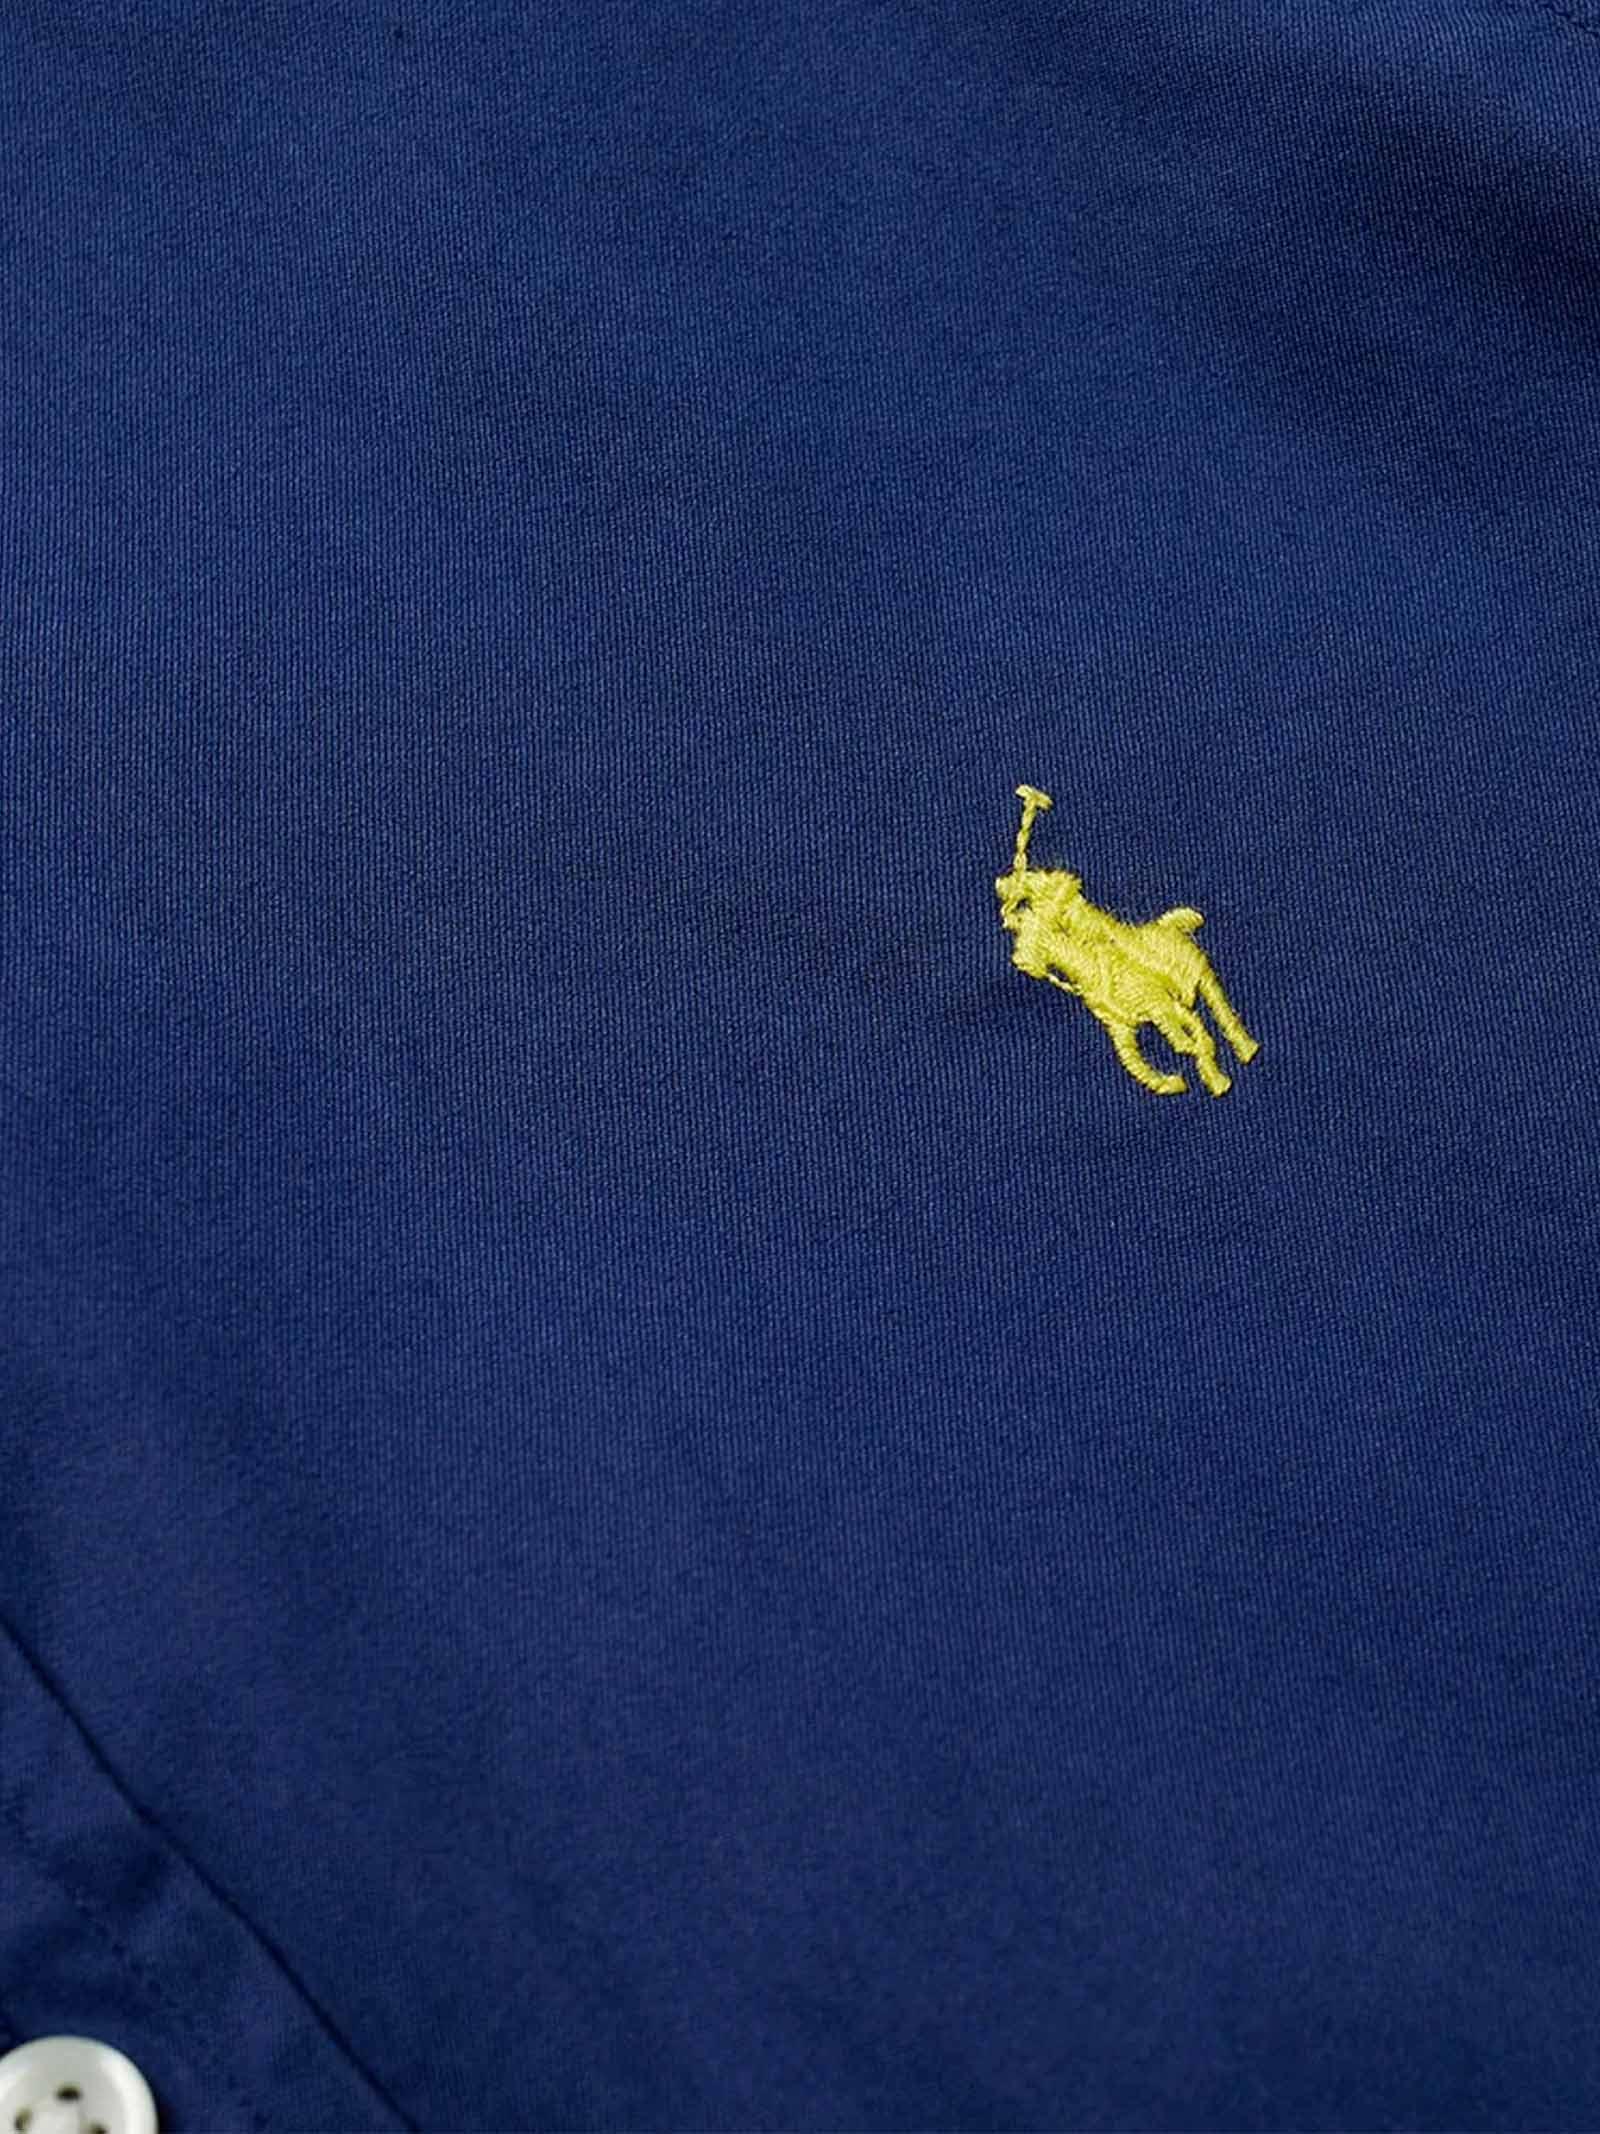 Camicia  in cotone con collo button down RALPH LAUREN   Camicia   710-829421004